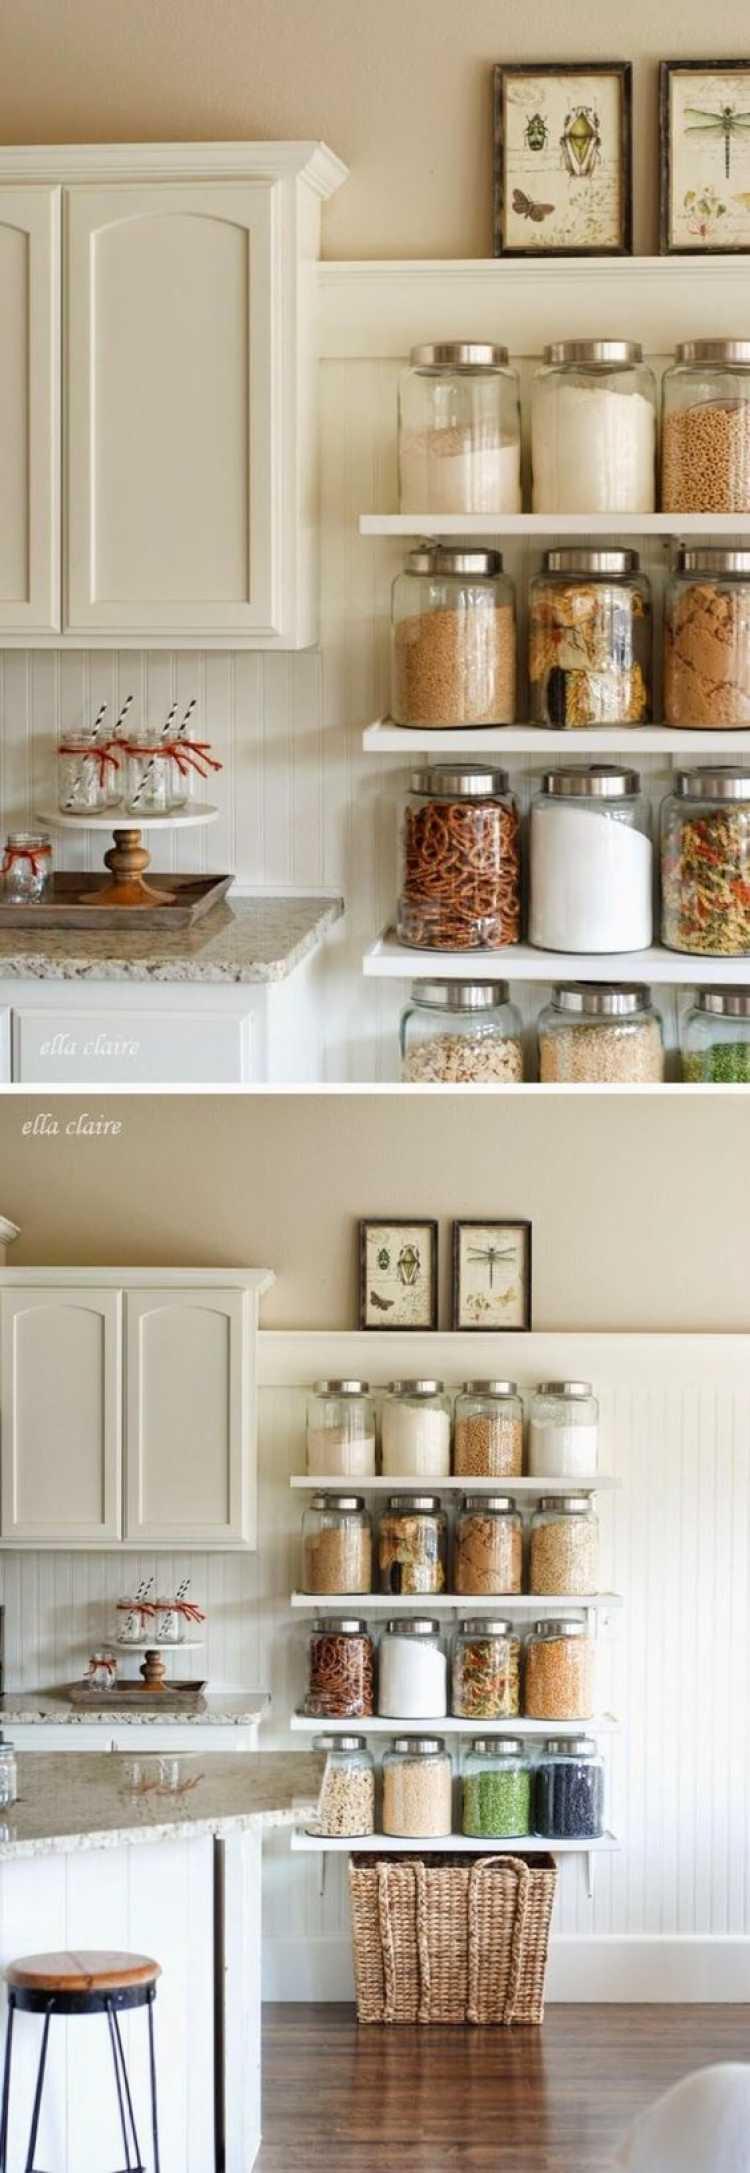 Prateleiras decorativas em cozinha pequena